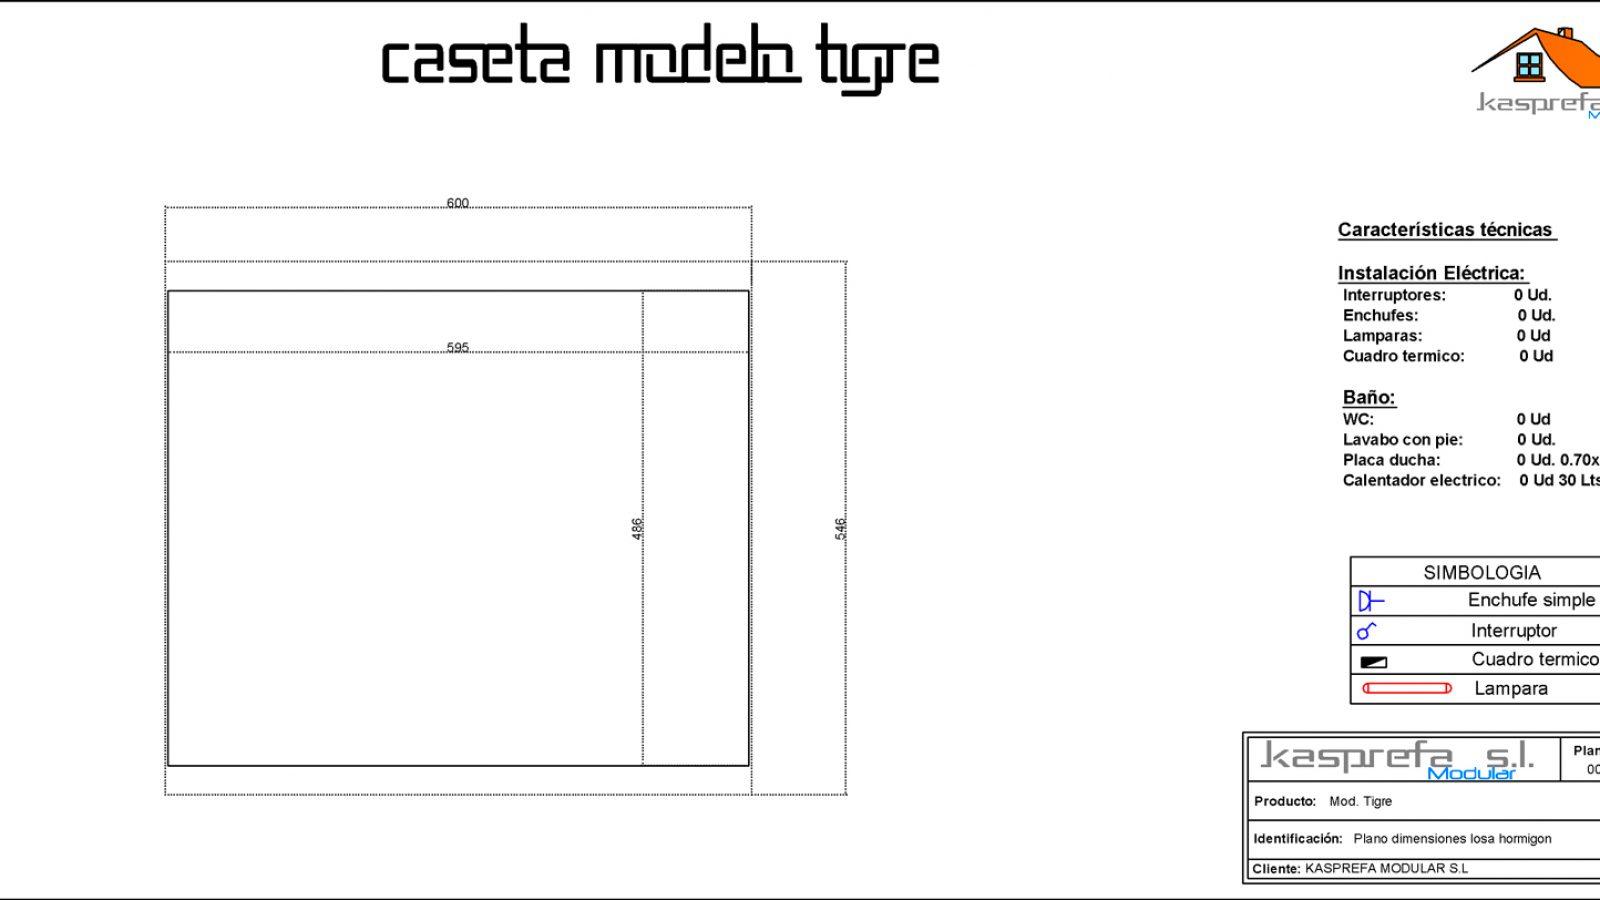 003-plano-dimensiones-losa-tigre-kasprefa